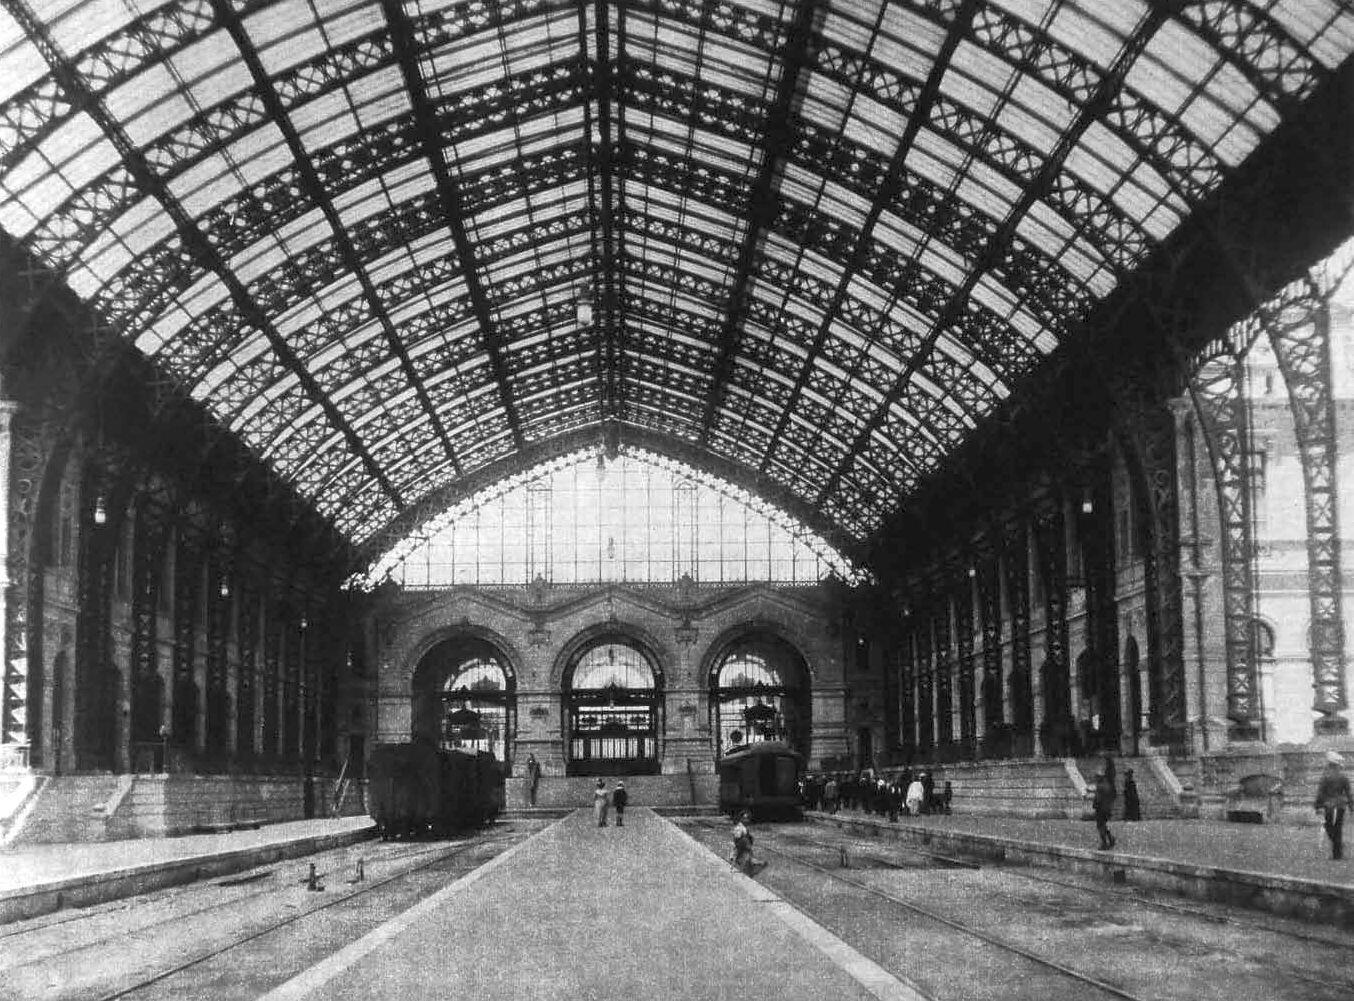 Interior de la Estación Mapocho de Santiago en 1915. @EstacionMapocho @sebastian_gray @CirculoArq @ramonllao http://t.co/xafetZ1Fw3